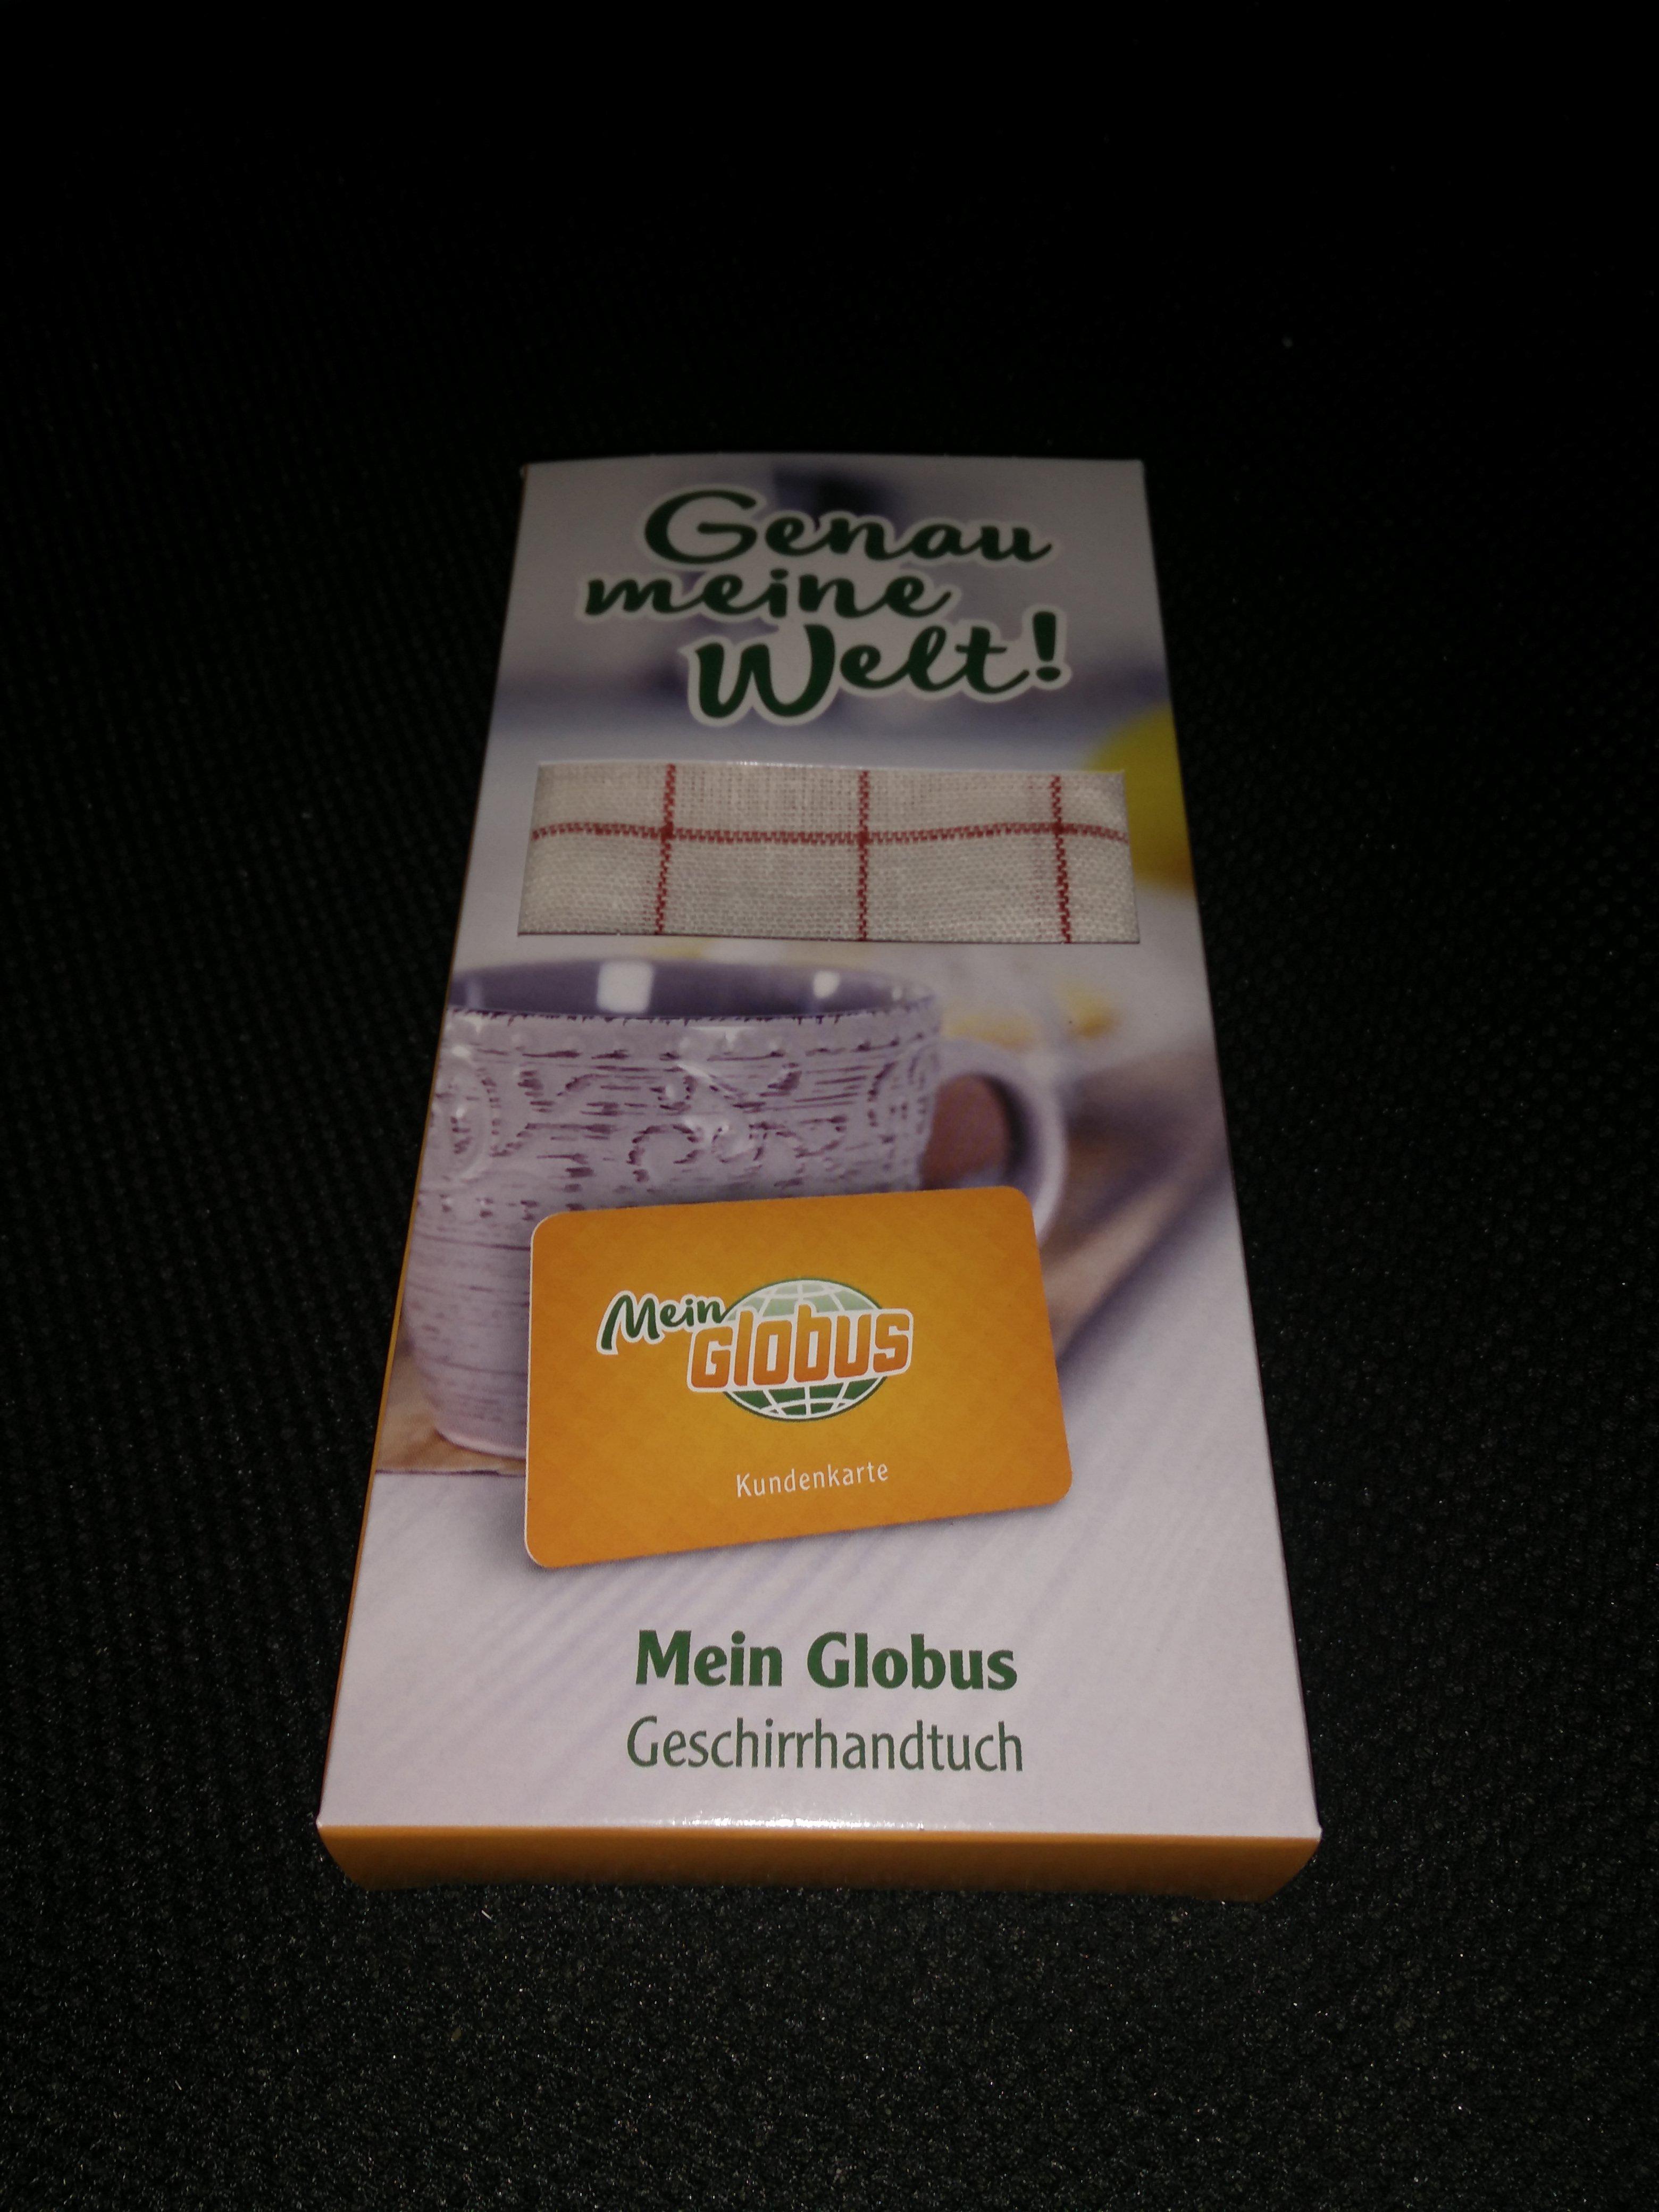 Globus Supermarkt Geschirrhandtuch GRATIS (offiziell nur mit Mein Globus Kundenkarte)